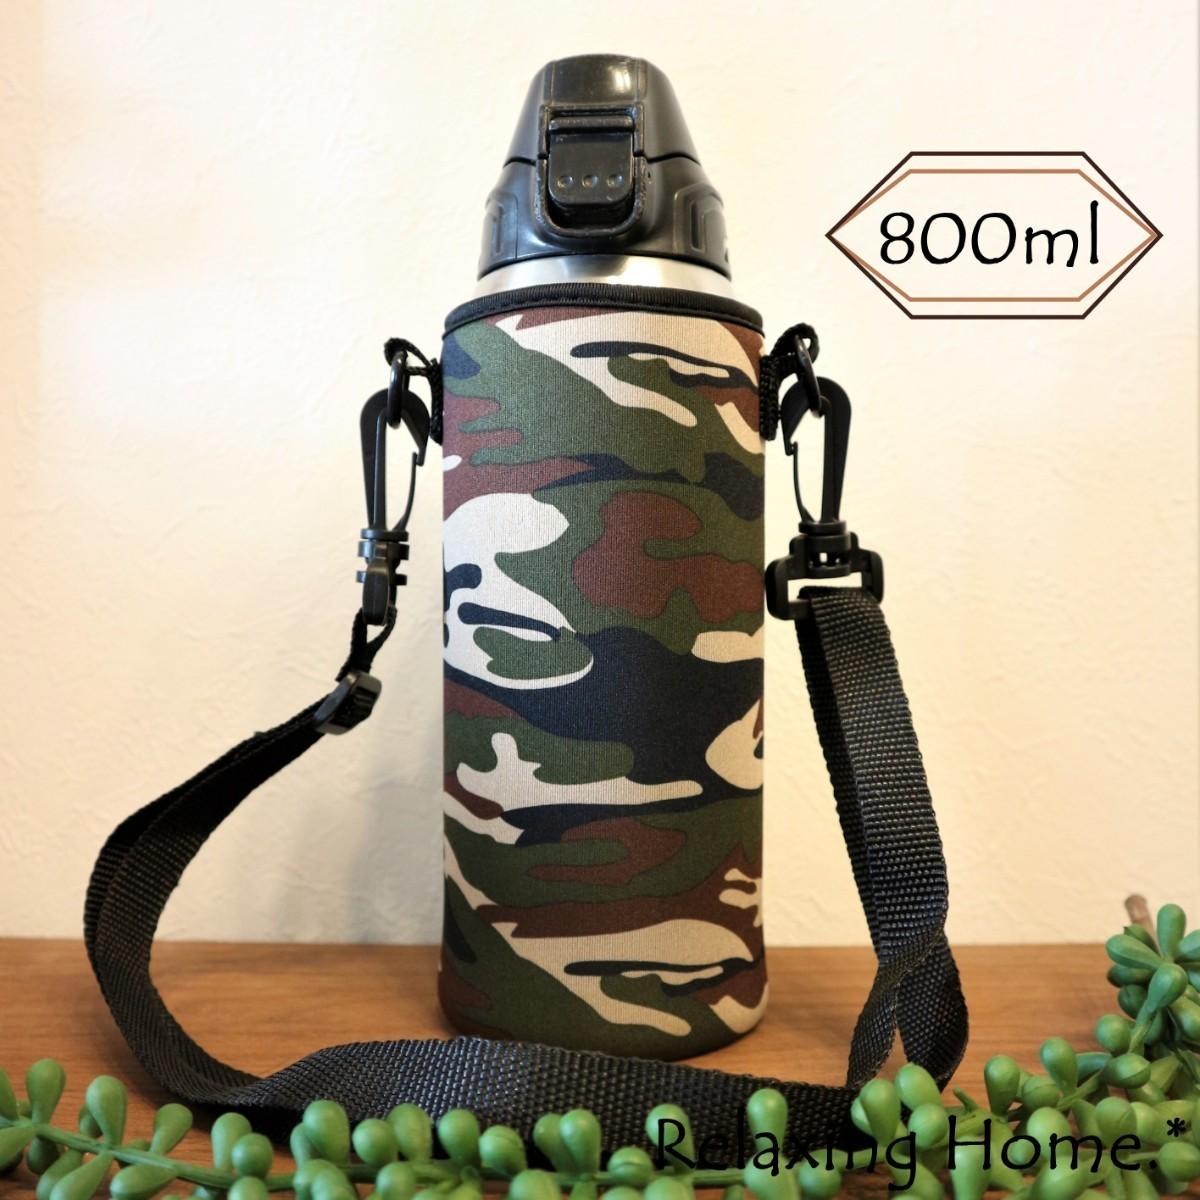 ★水筒カバー★800ml 水筒ケース ボトルカバー  ショルダー ★カモフラ☆